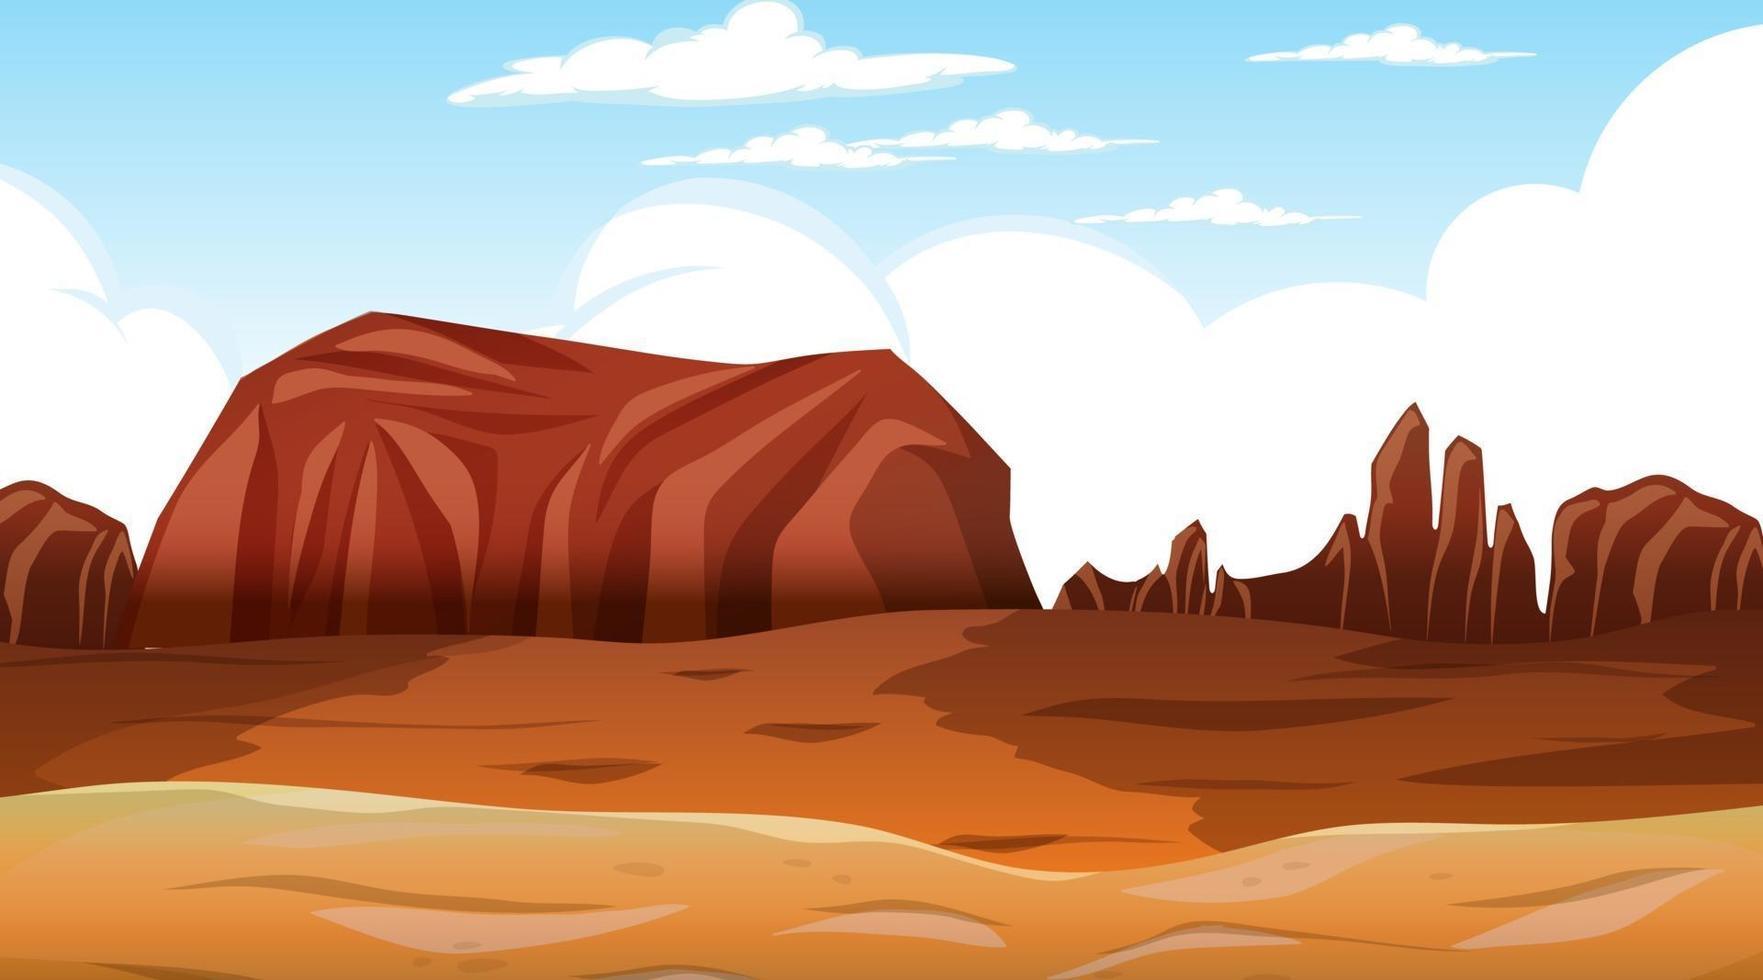 Desert forest landscape at daytime scene vector